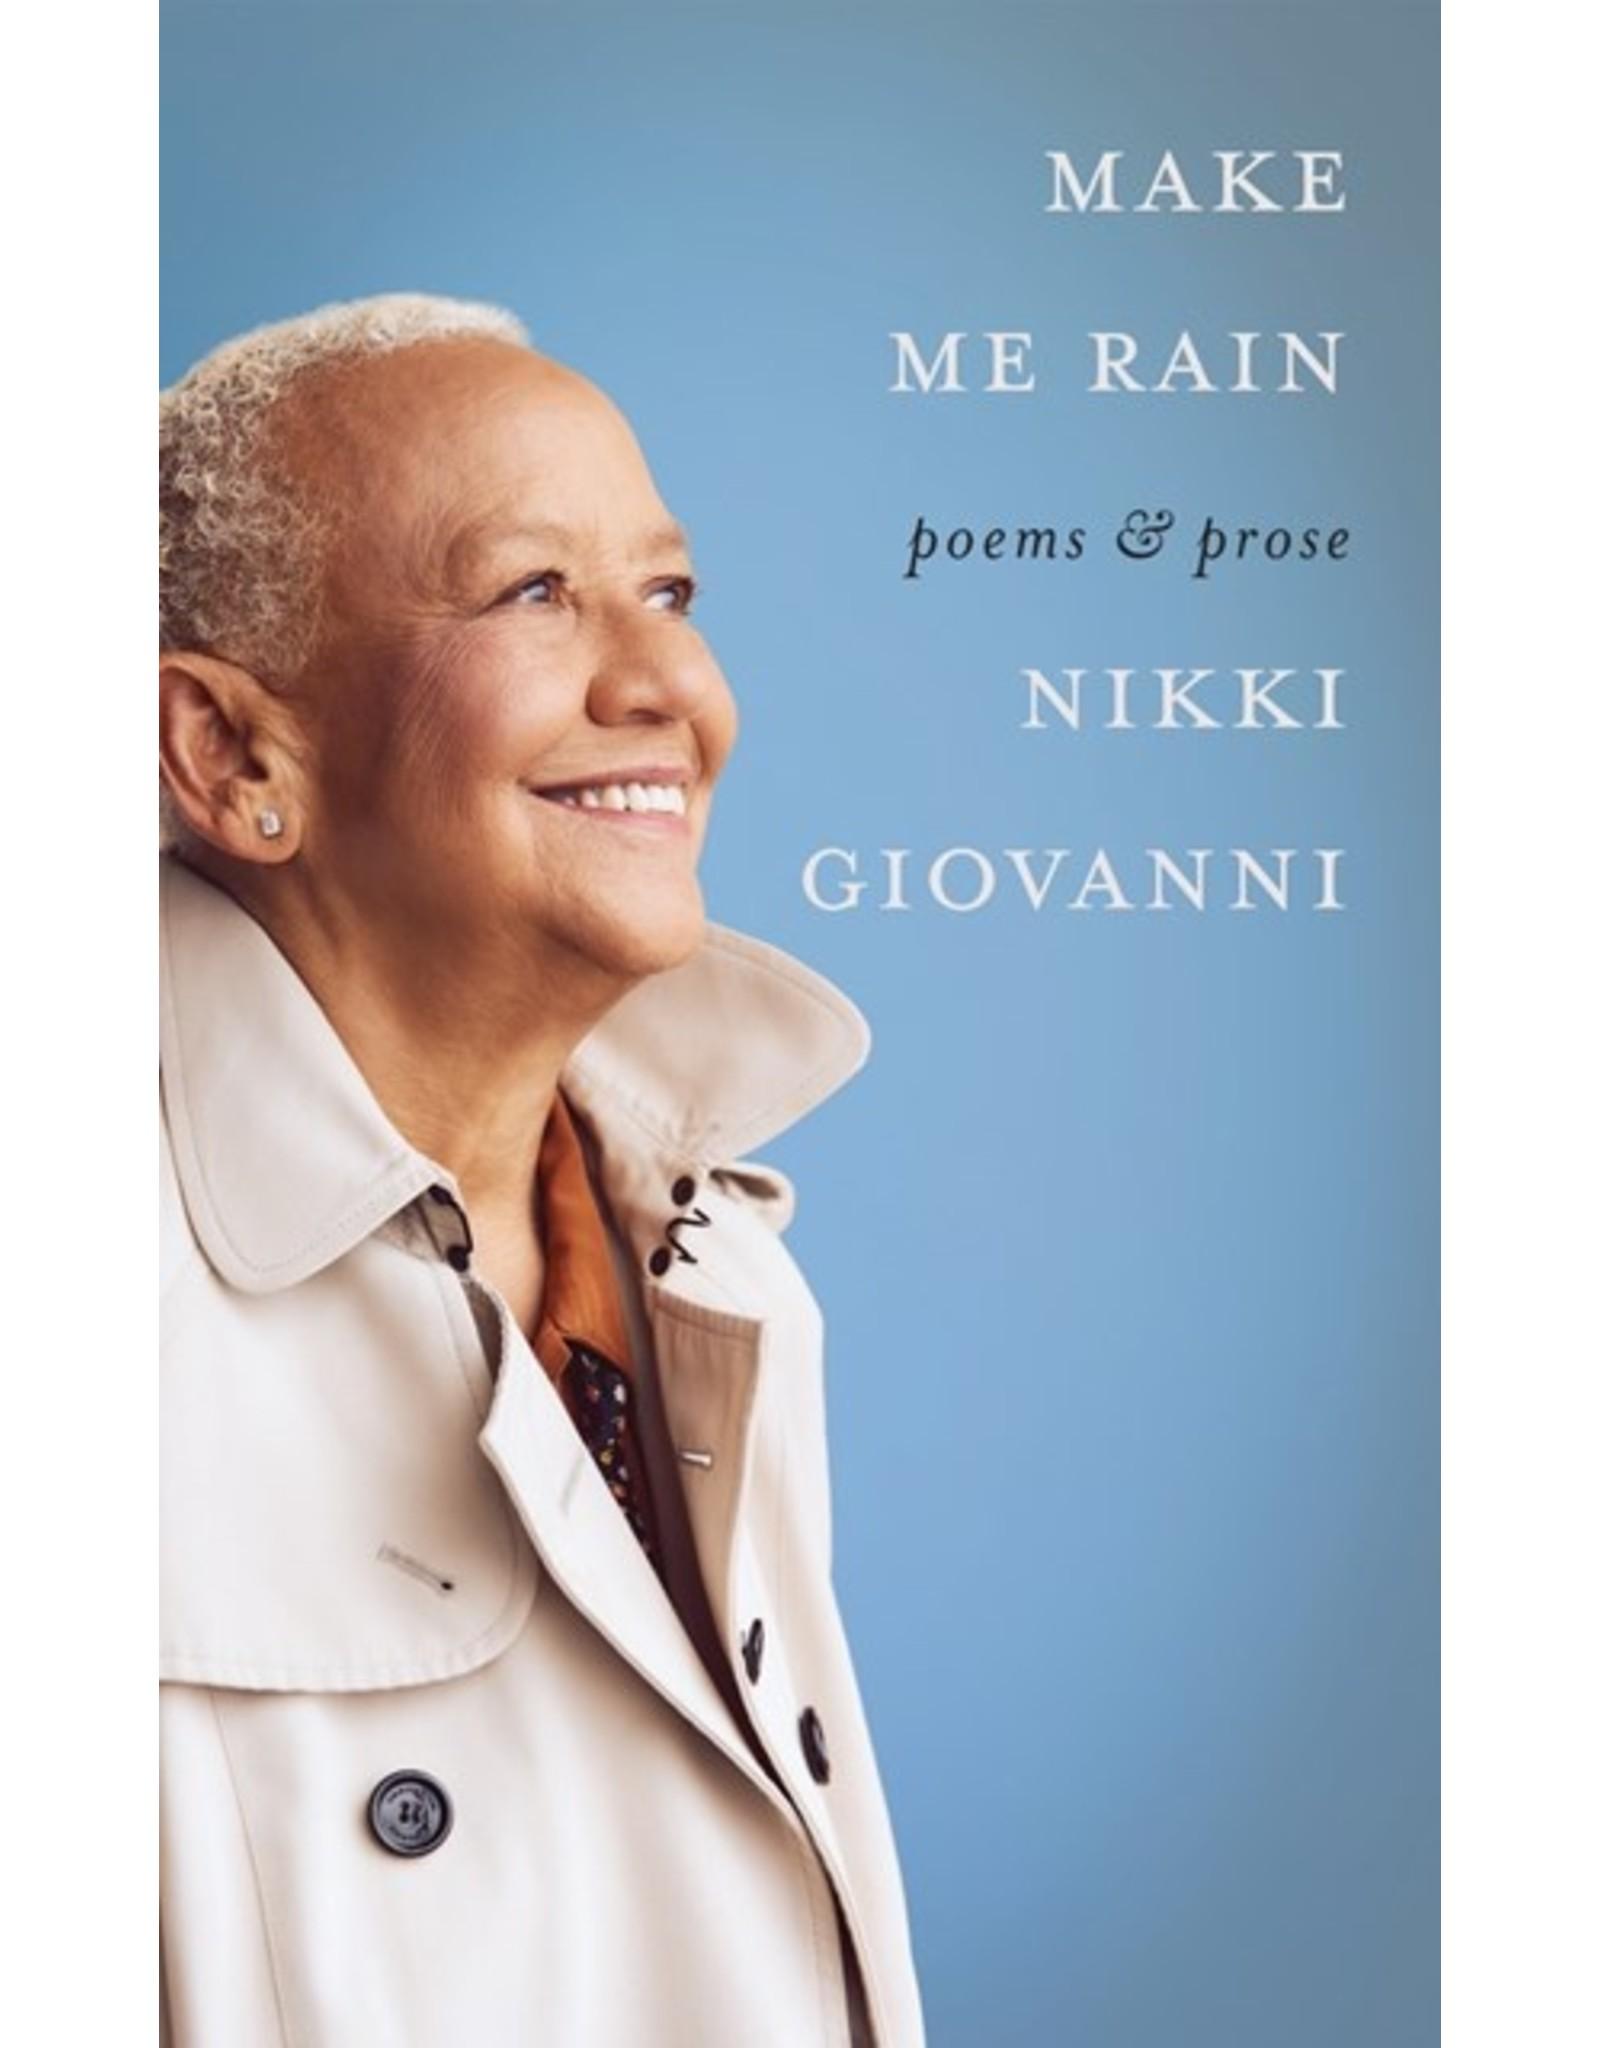 Books Make Me Rain: Poems & Prose by Nikki Giovanni